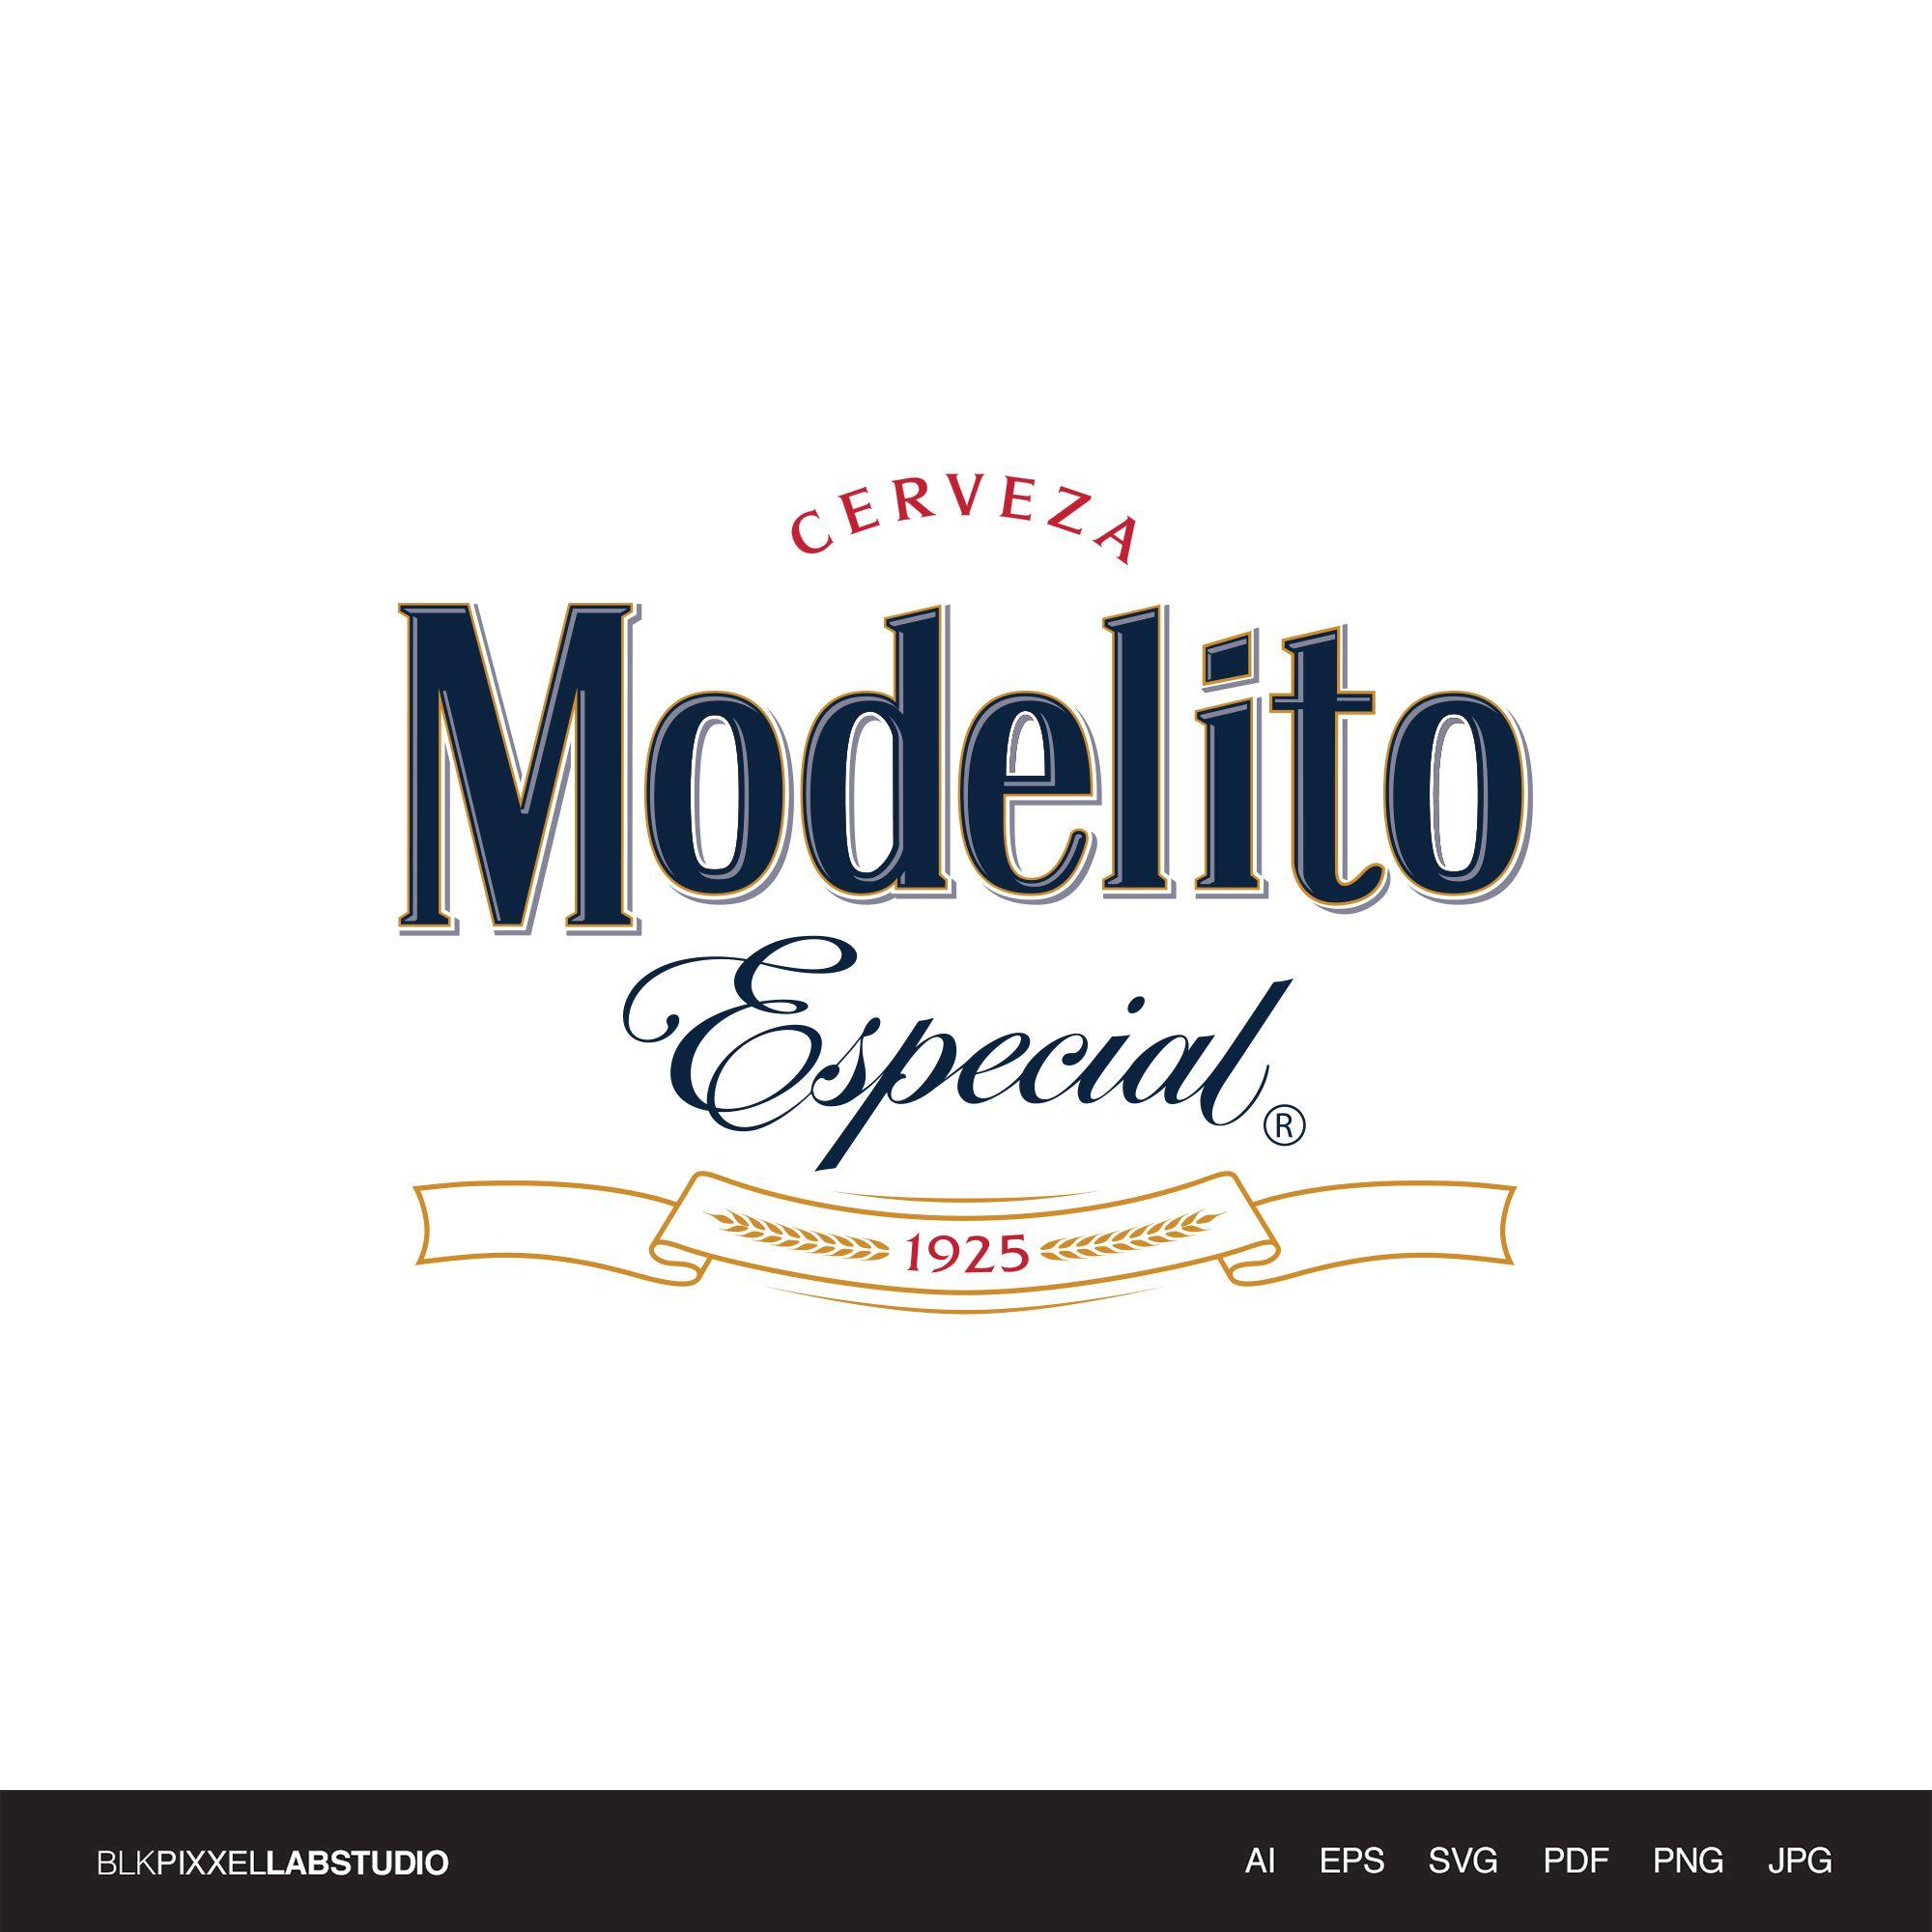 Modelo Especial Logo Festisite Logos Logo Maker Allianz Logo